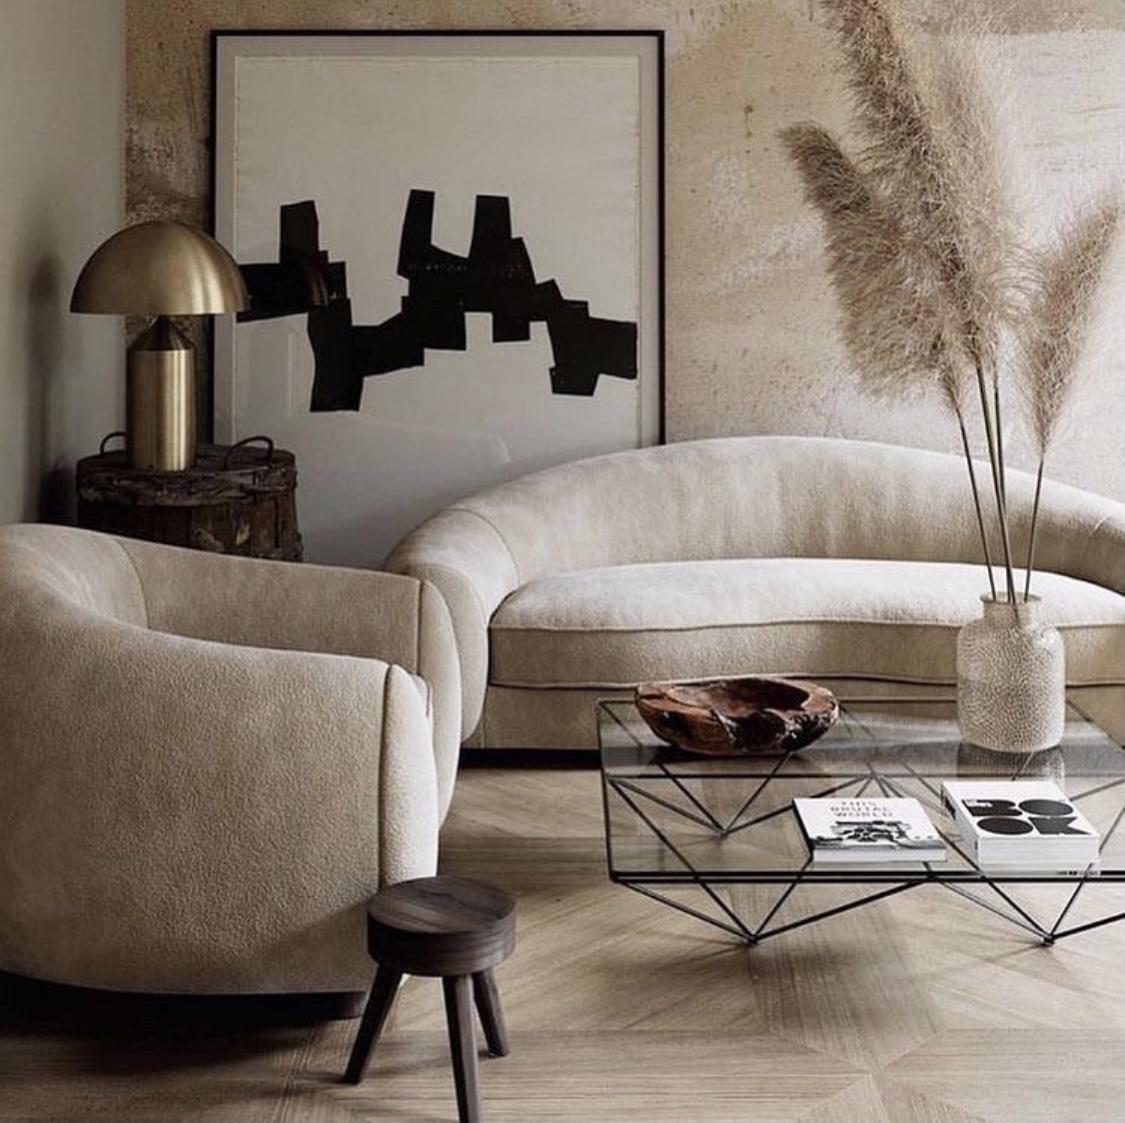 диван формы полумесяца